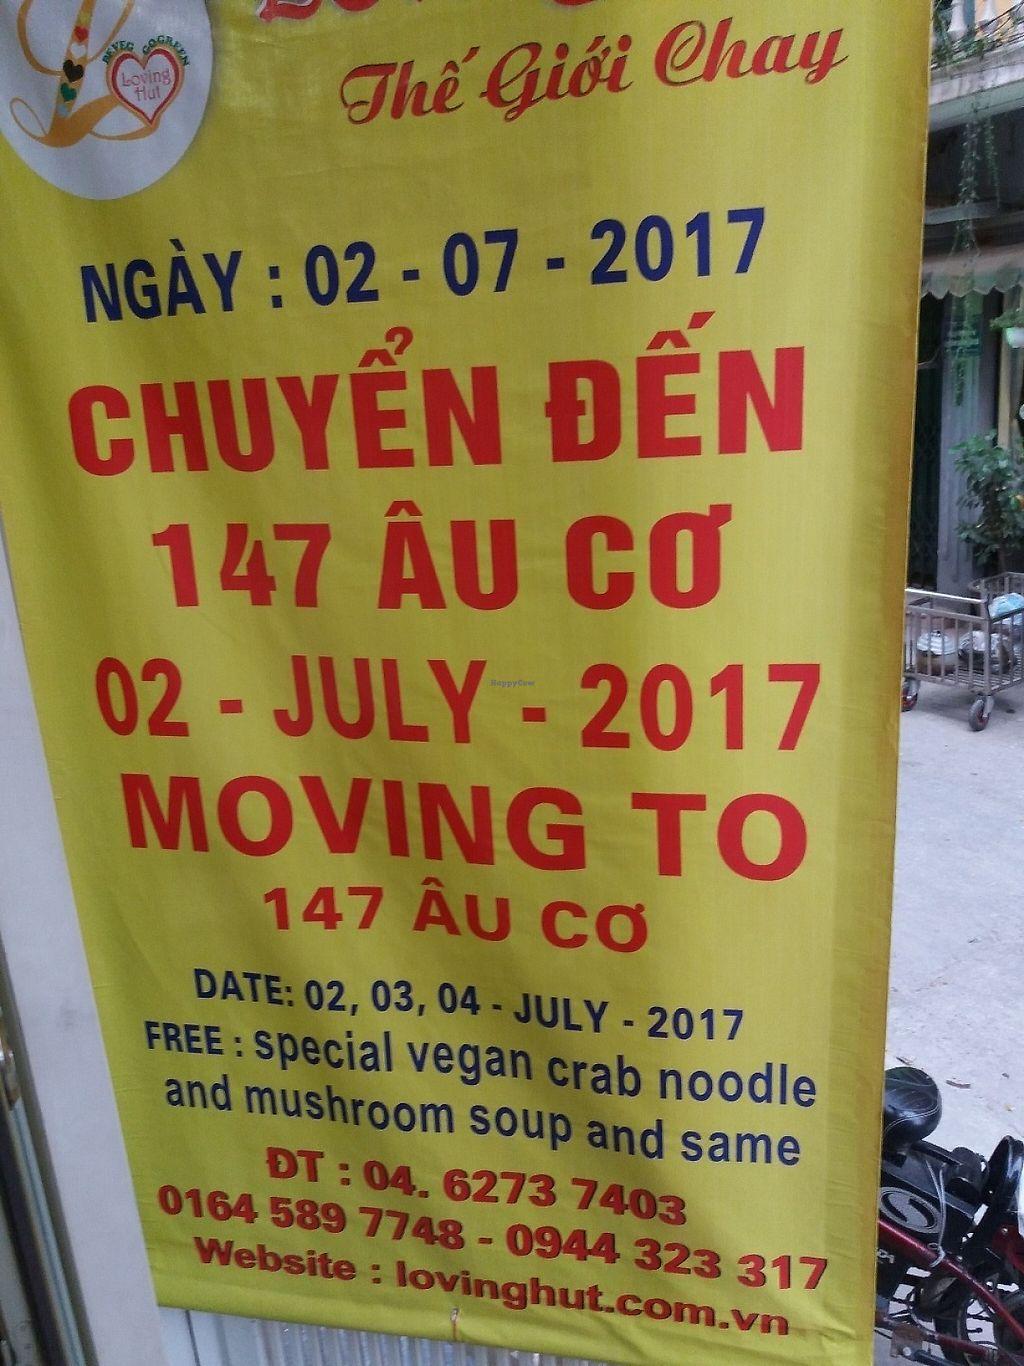 Loving Hut - Tay Ho - Hanoi Restaurant - HappyCow